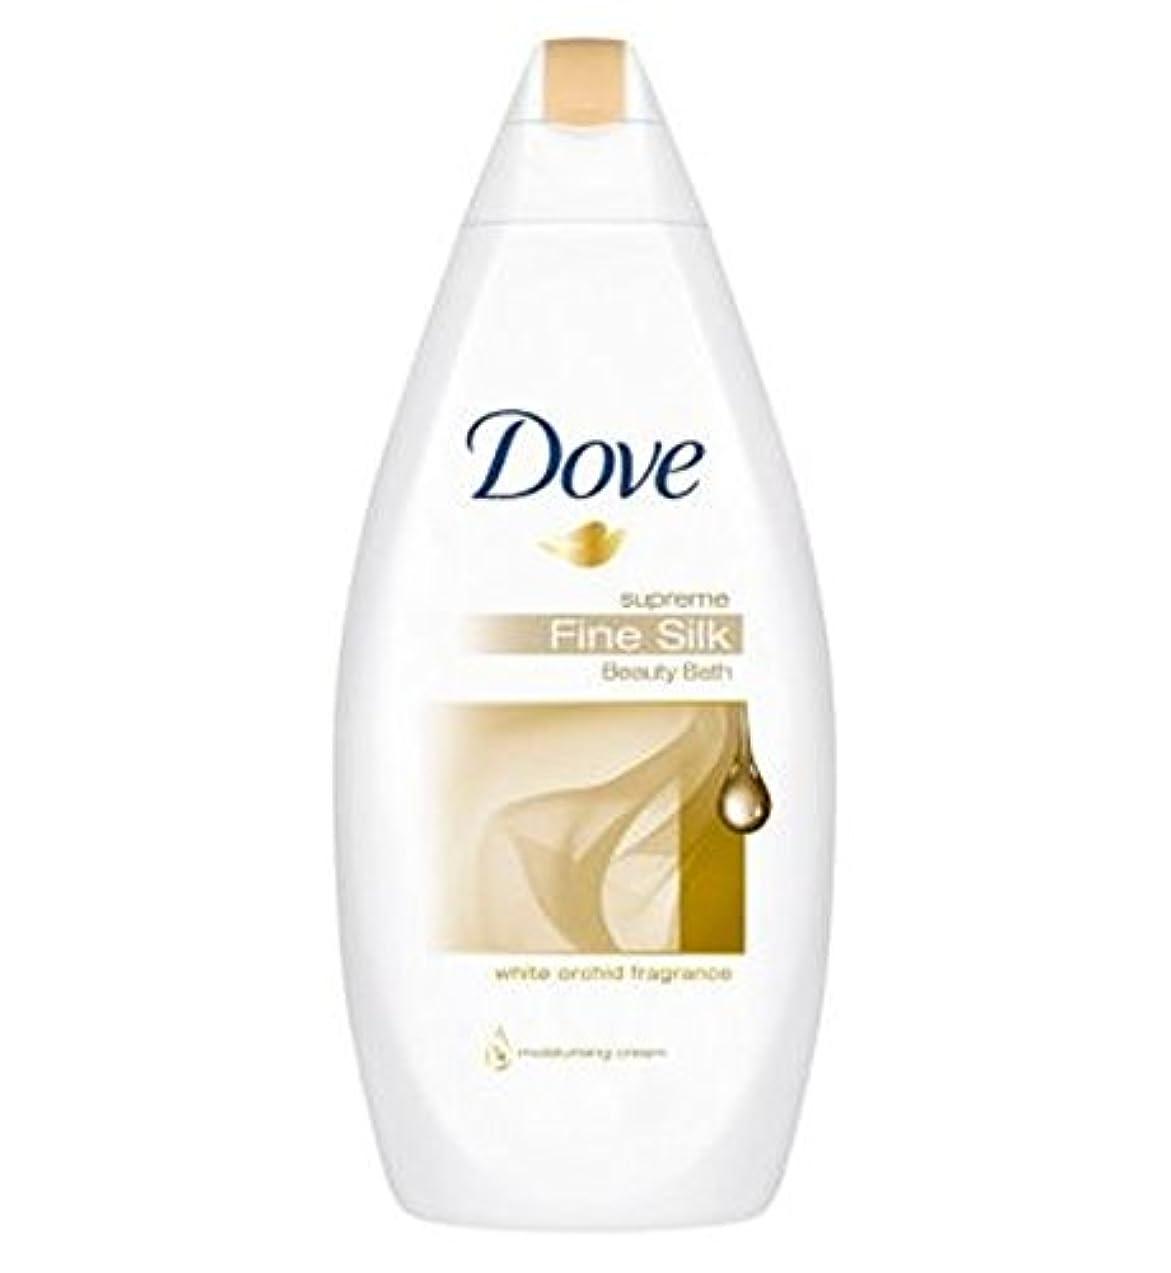 定期的な自我許可する鳩最高の細かい絹クリームバスの500ミリリットル (Dove) (x2) - Dove Supreme Fine Silk Cream Bath 500ml (Pack of 2) [並行輸入品]